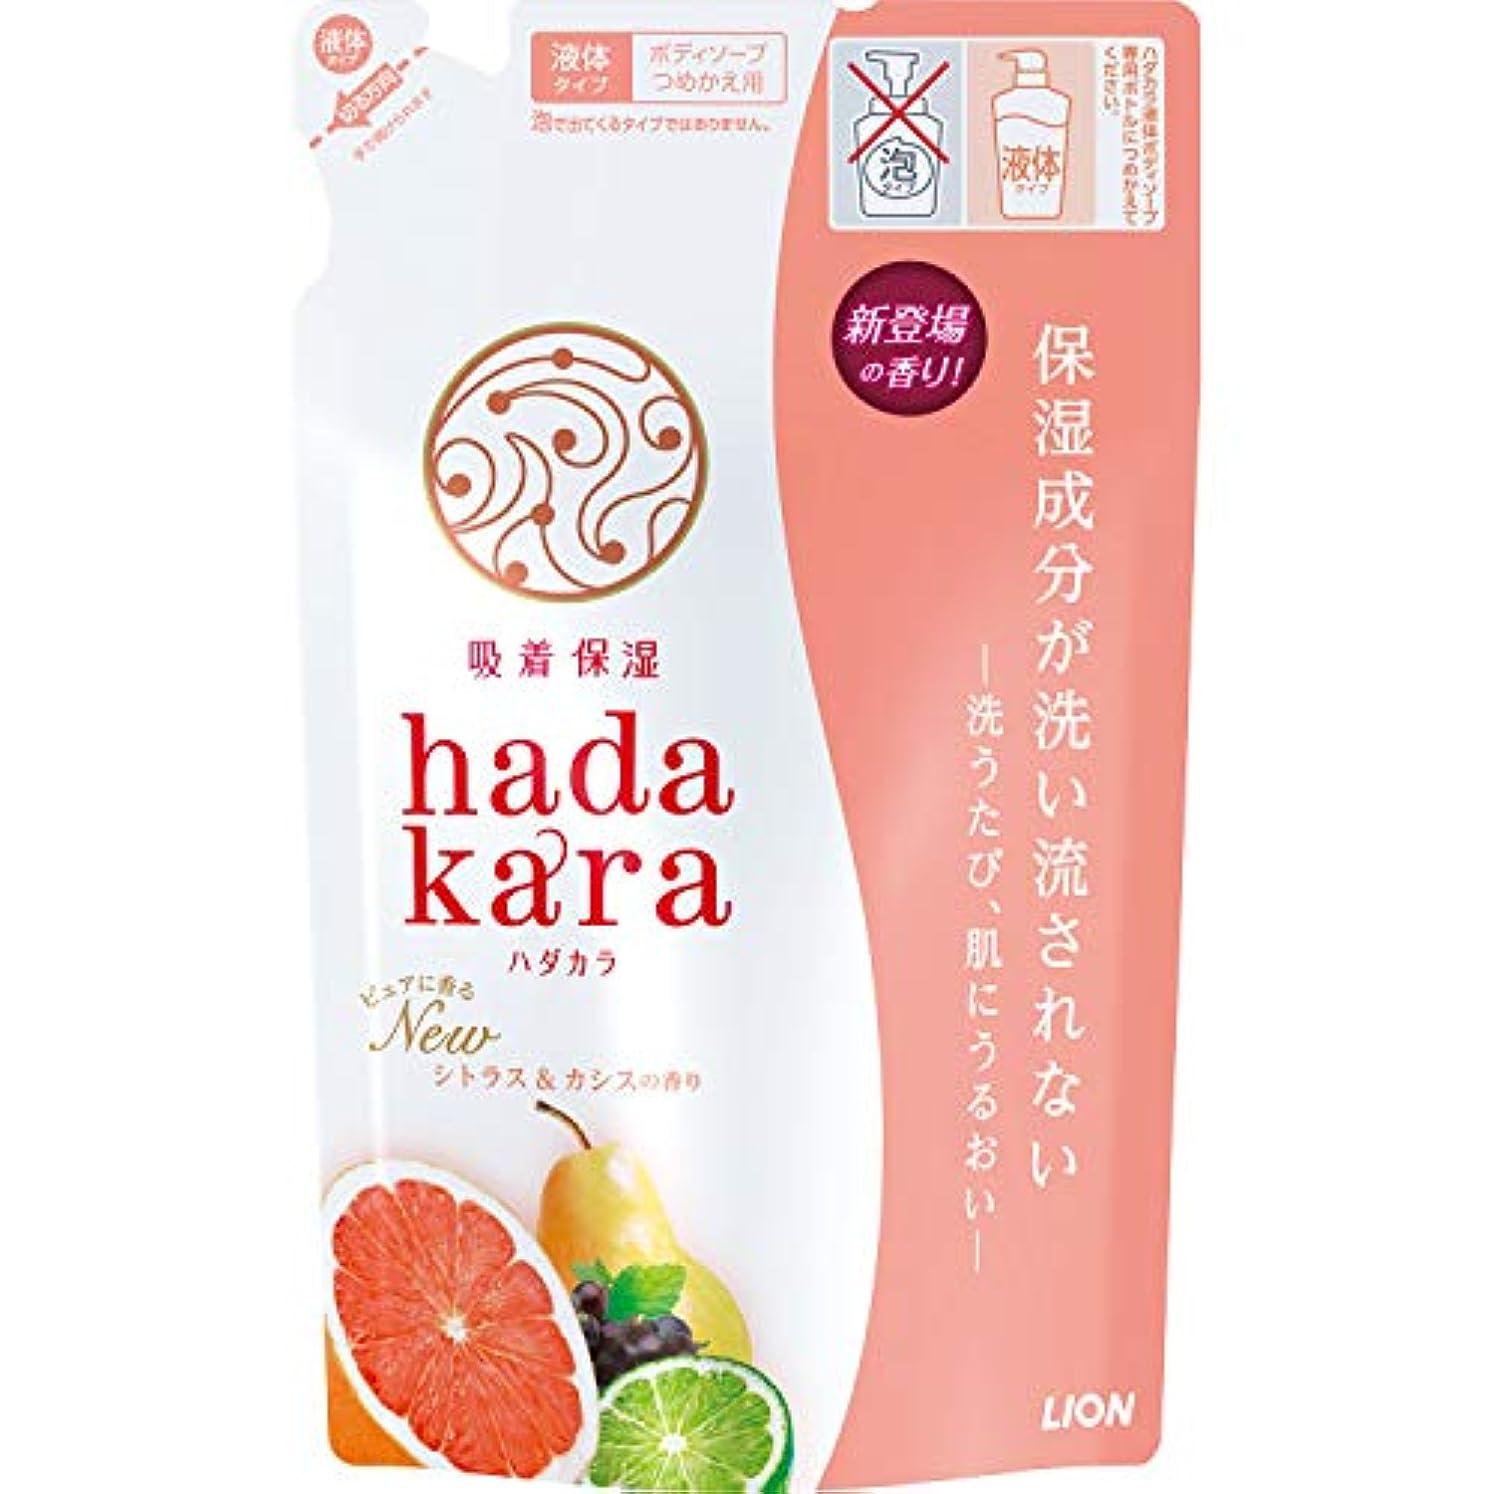 人口社員積分hadakara(ハダカラ) ボディソープ シトラス&カシスの香り つめかえ 360ml 詰替え用